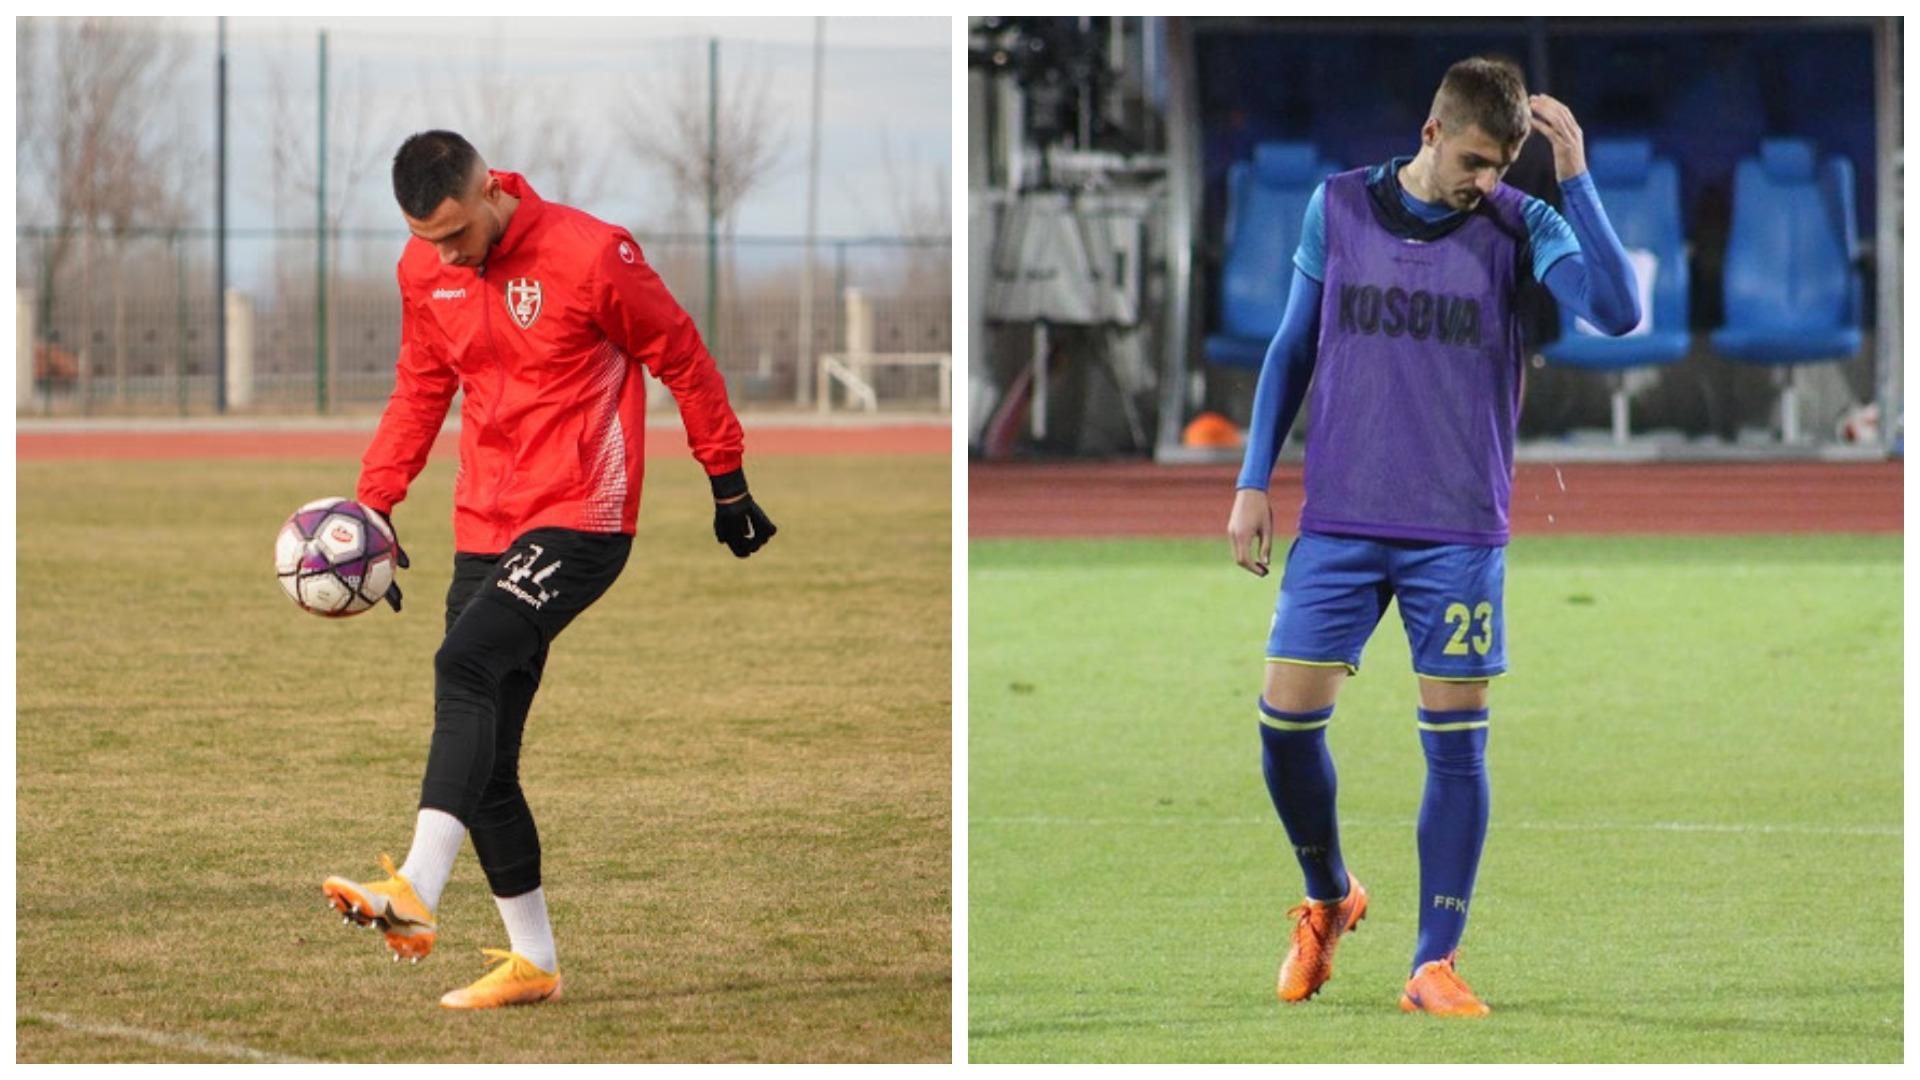 Lista e Kosovës U21 për miqësoret e Katarit, thirren tre talentet e Skënderbeut